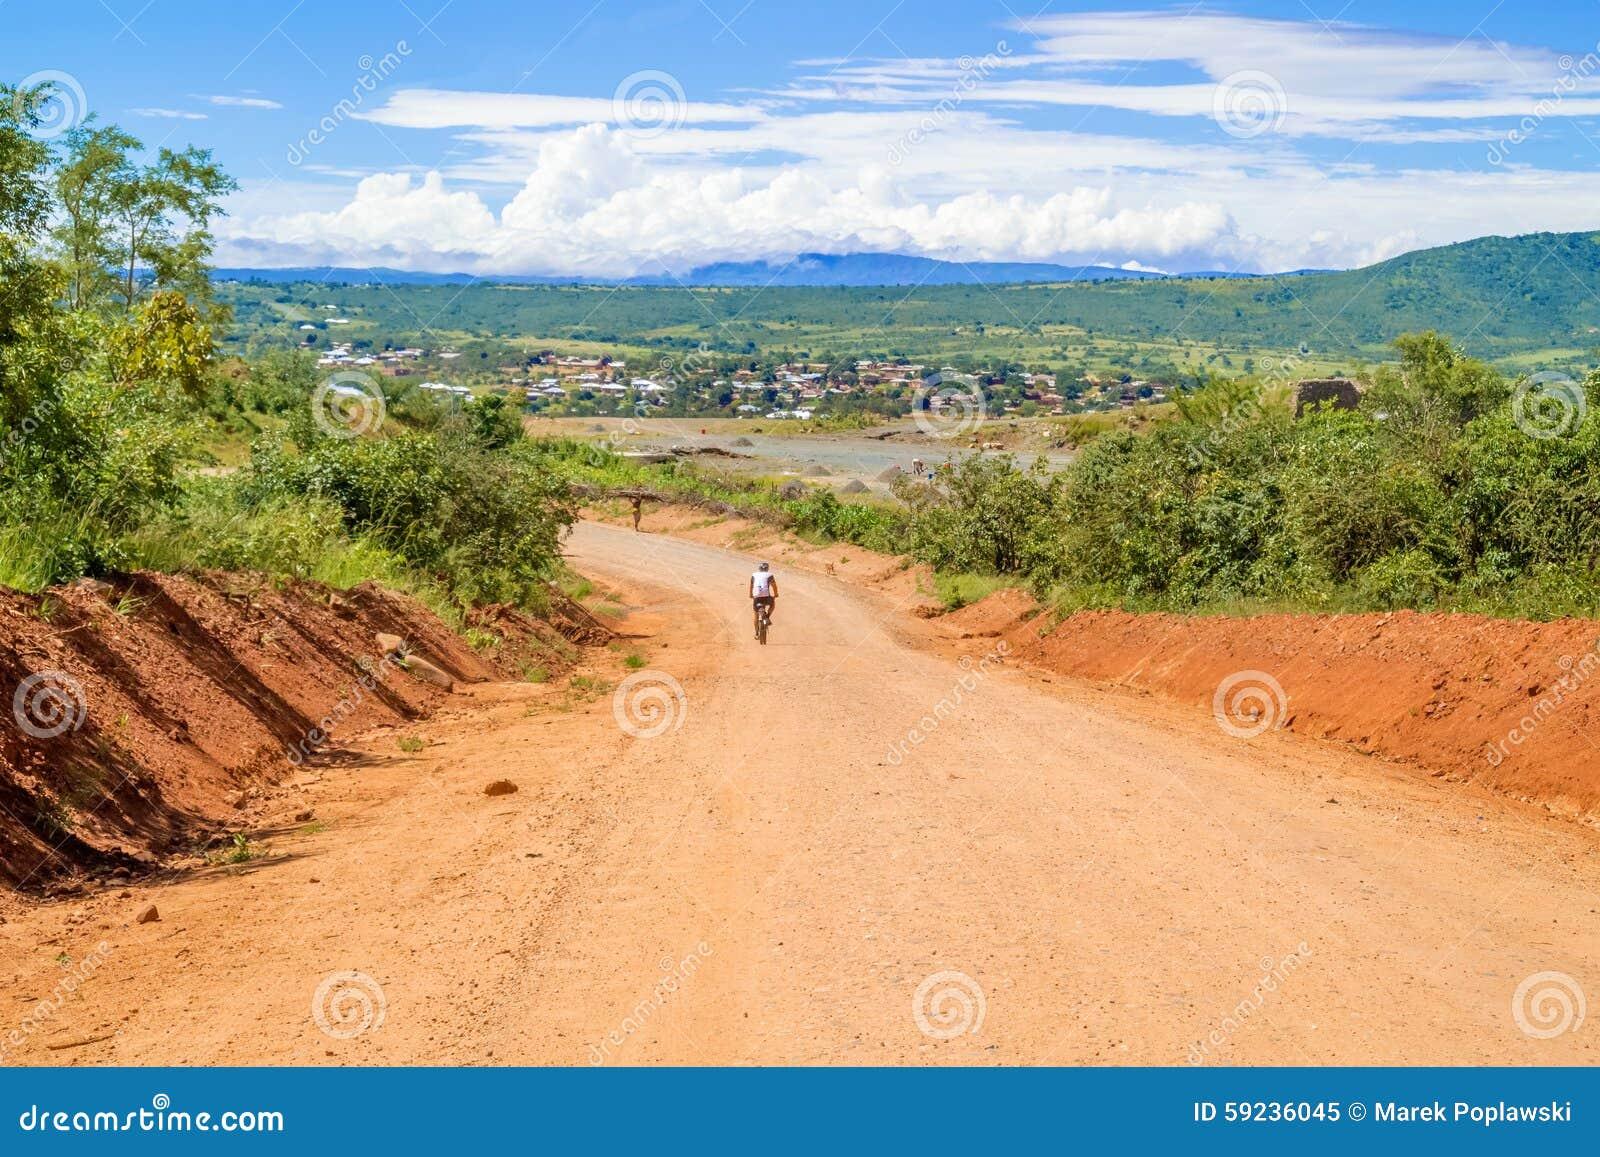 Paisaje del camino en Tanzania